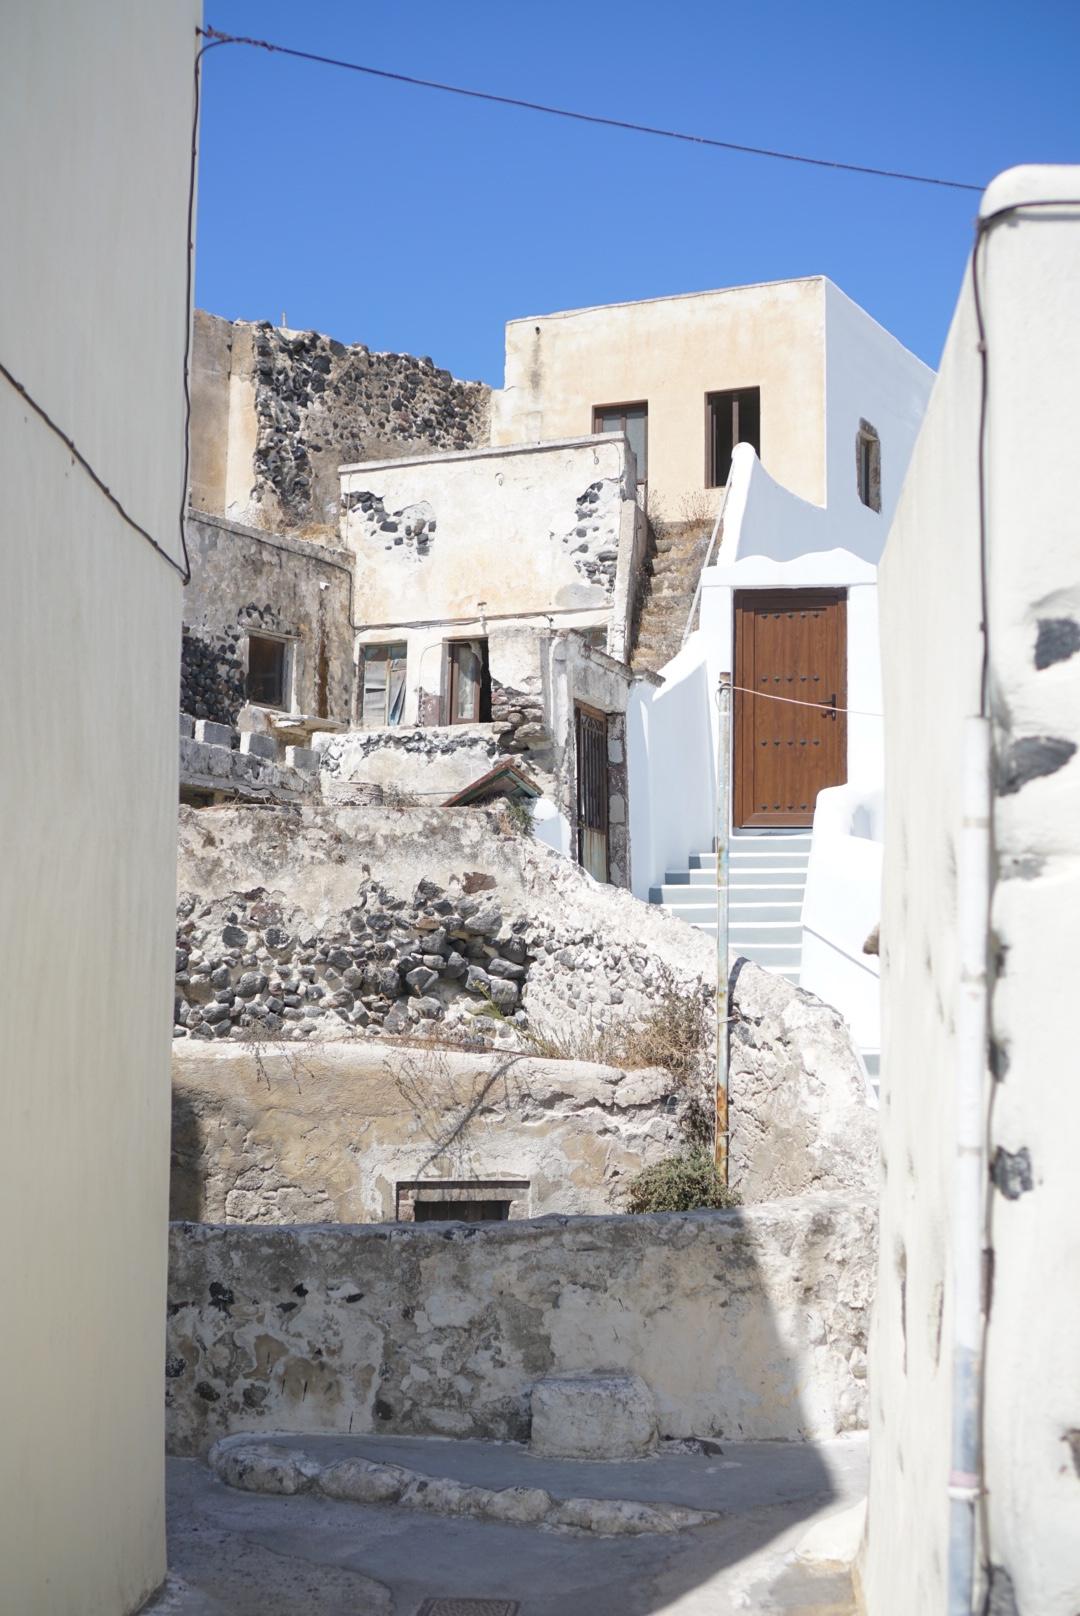 dsc01484 - A Few Days in Santorini